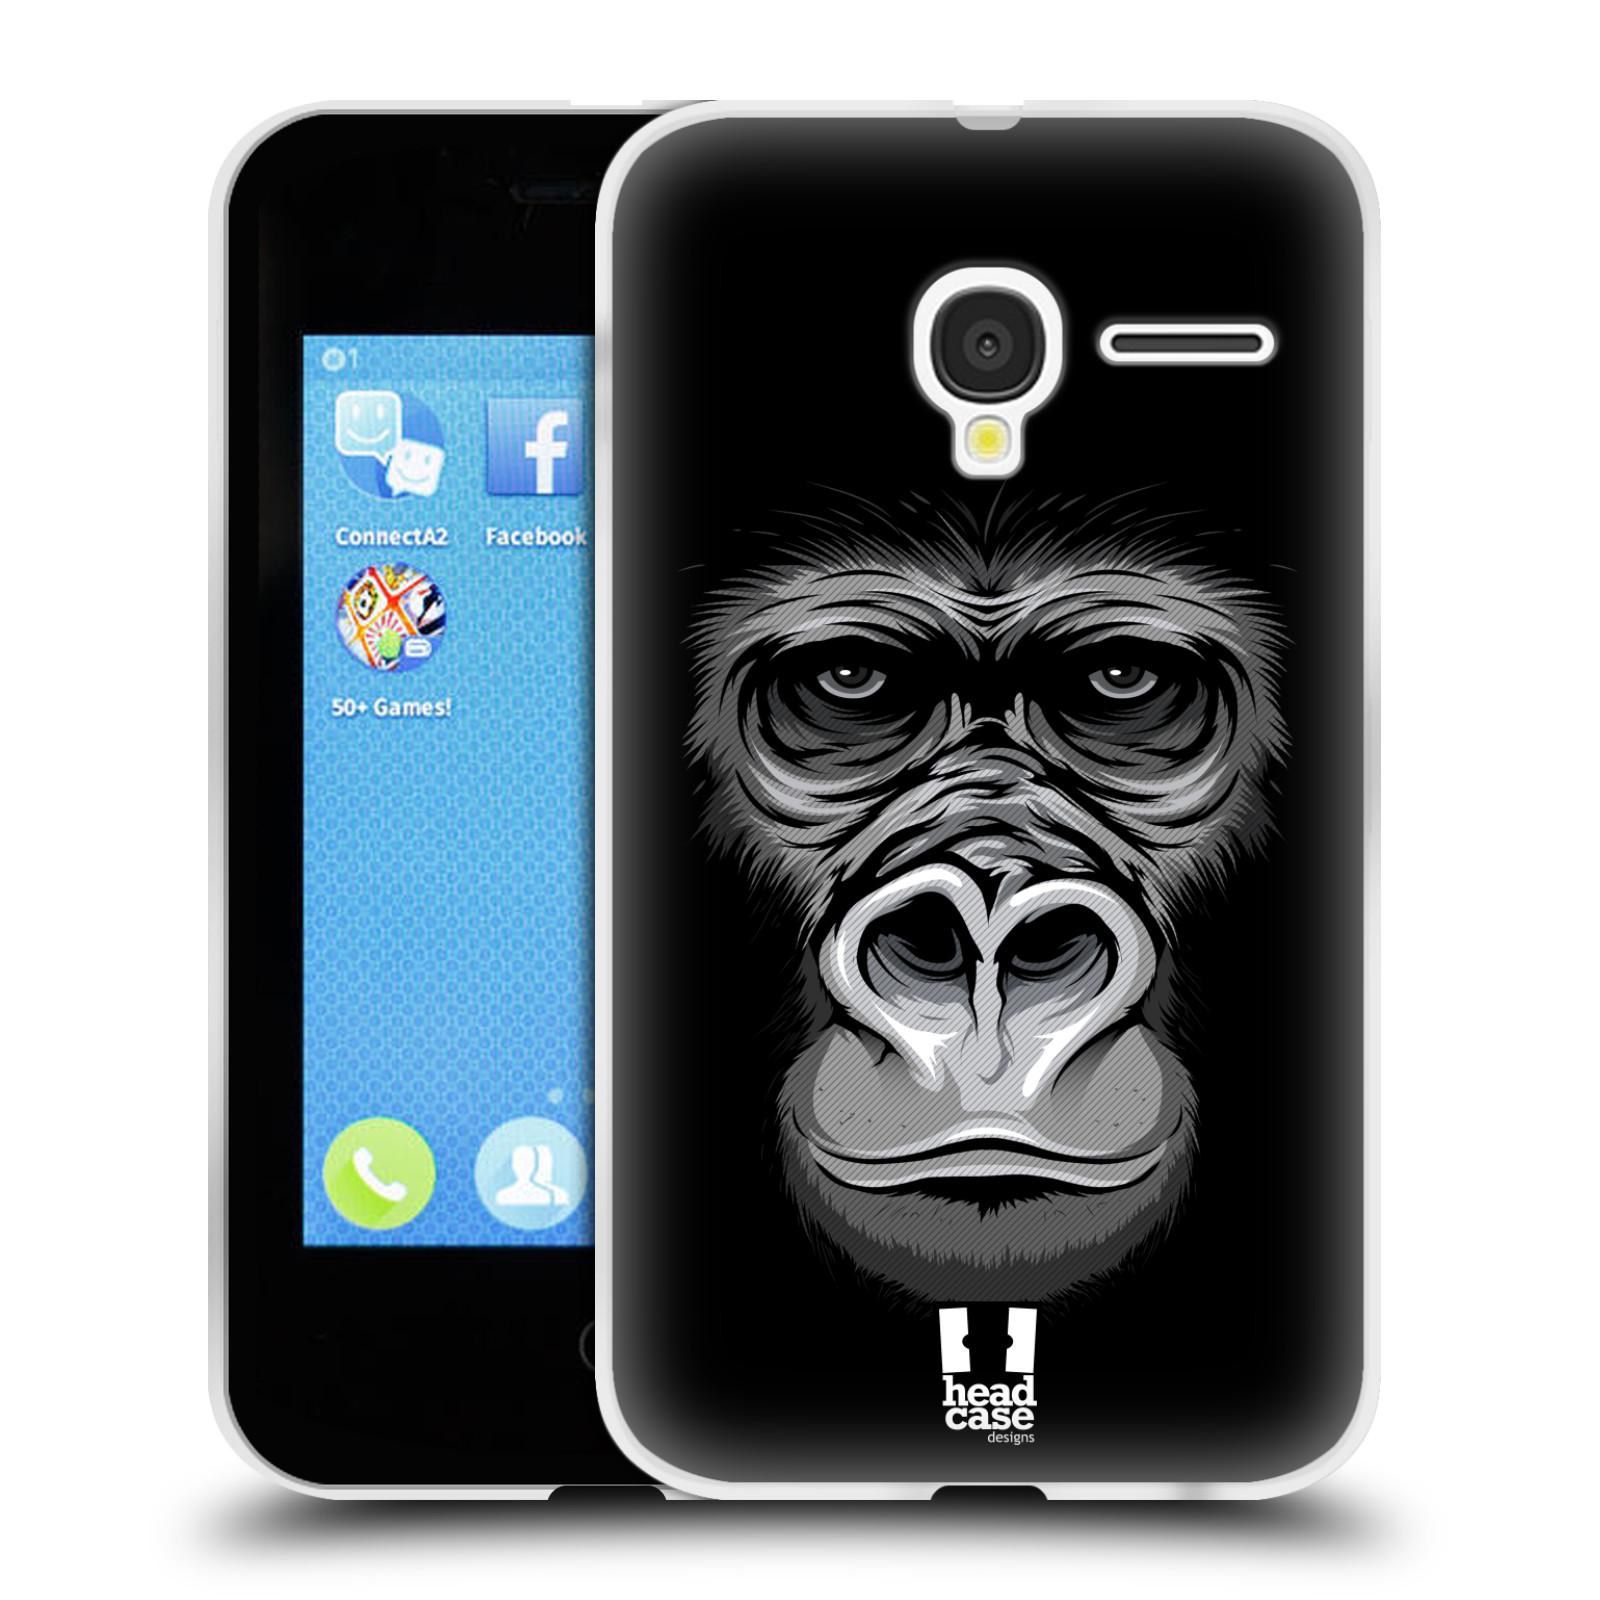 HEAD CASE silikonový obal na mobil Alcatel PIXI 3 OT-4022D (3,5 palcový displej) vzor Zvíře kreslená tvář 2 gorila